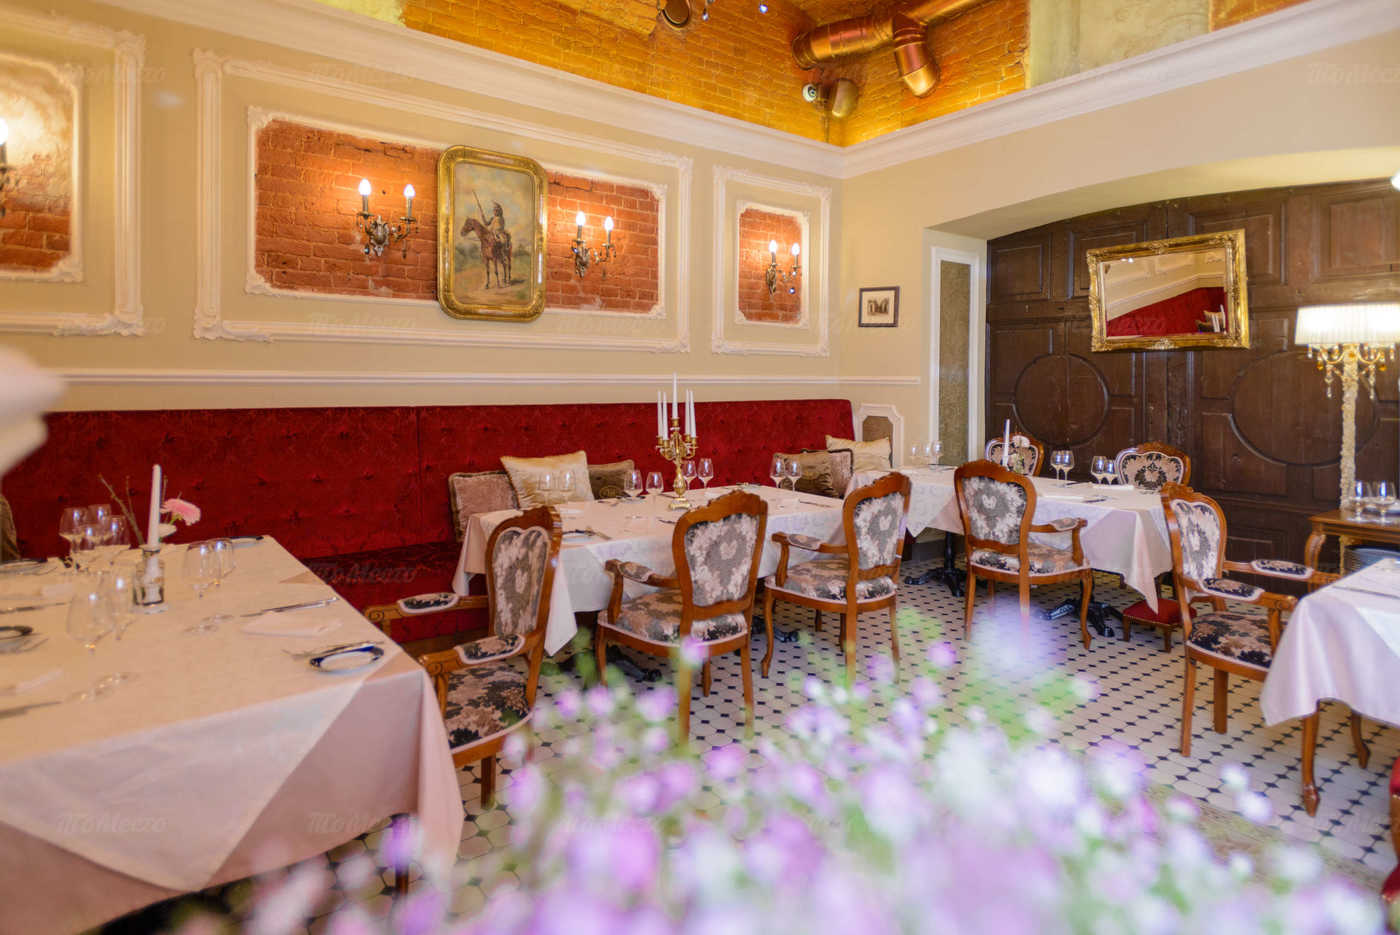 Меню ресторана Штакеншнейдер на Миллионной улице